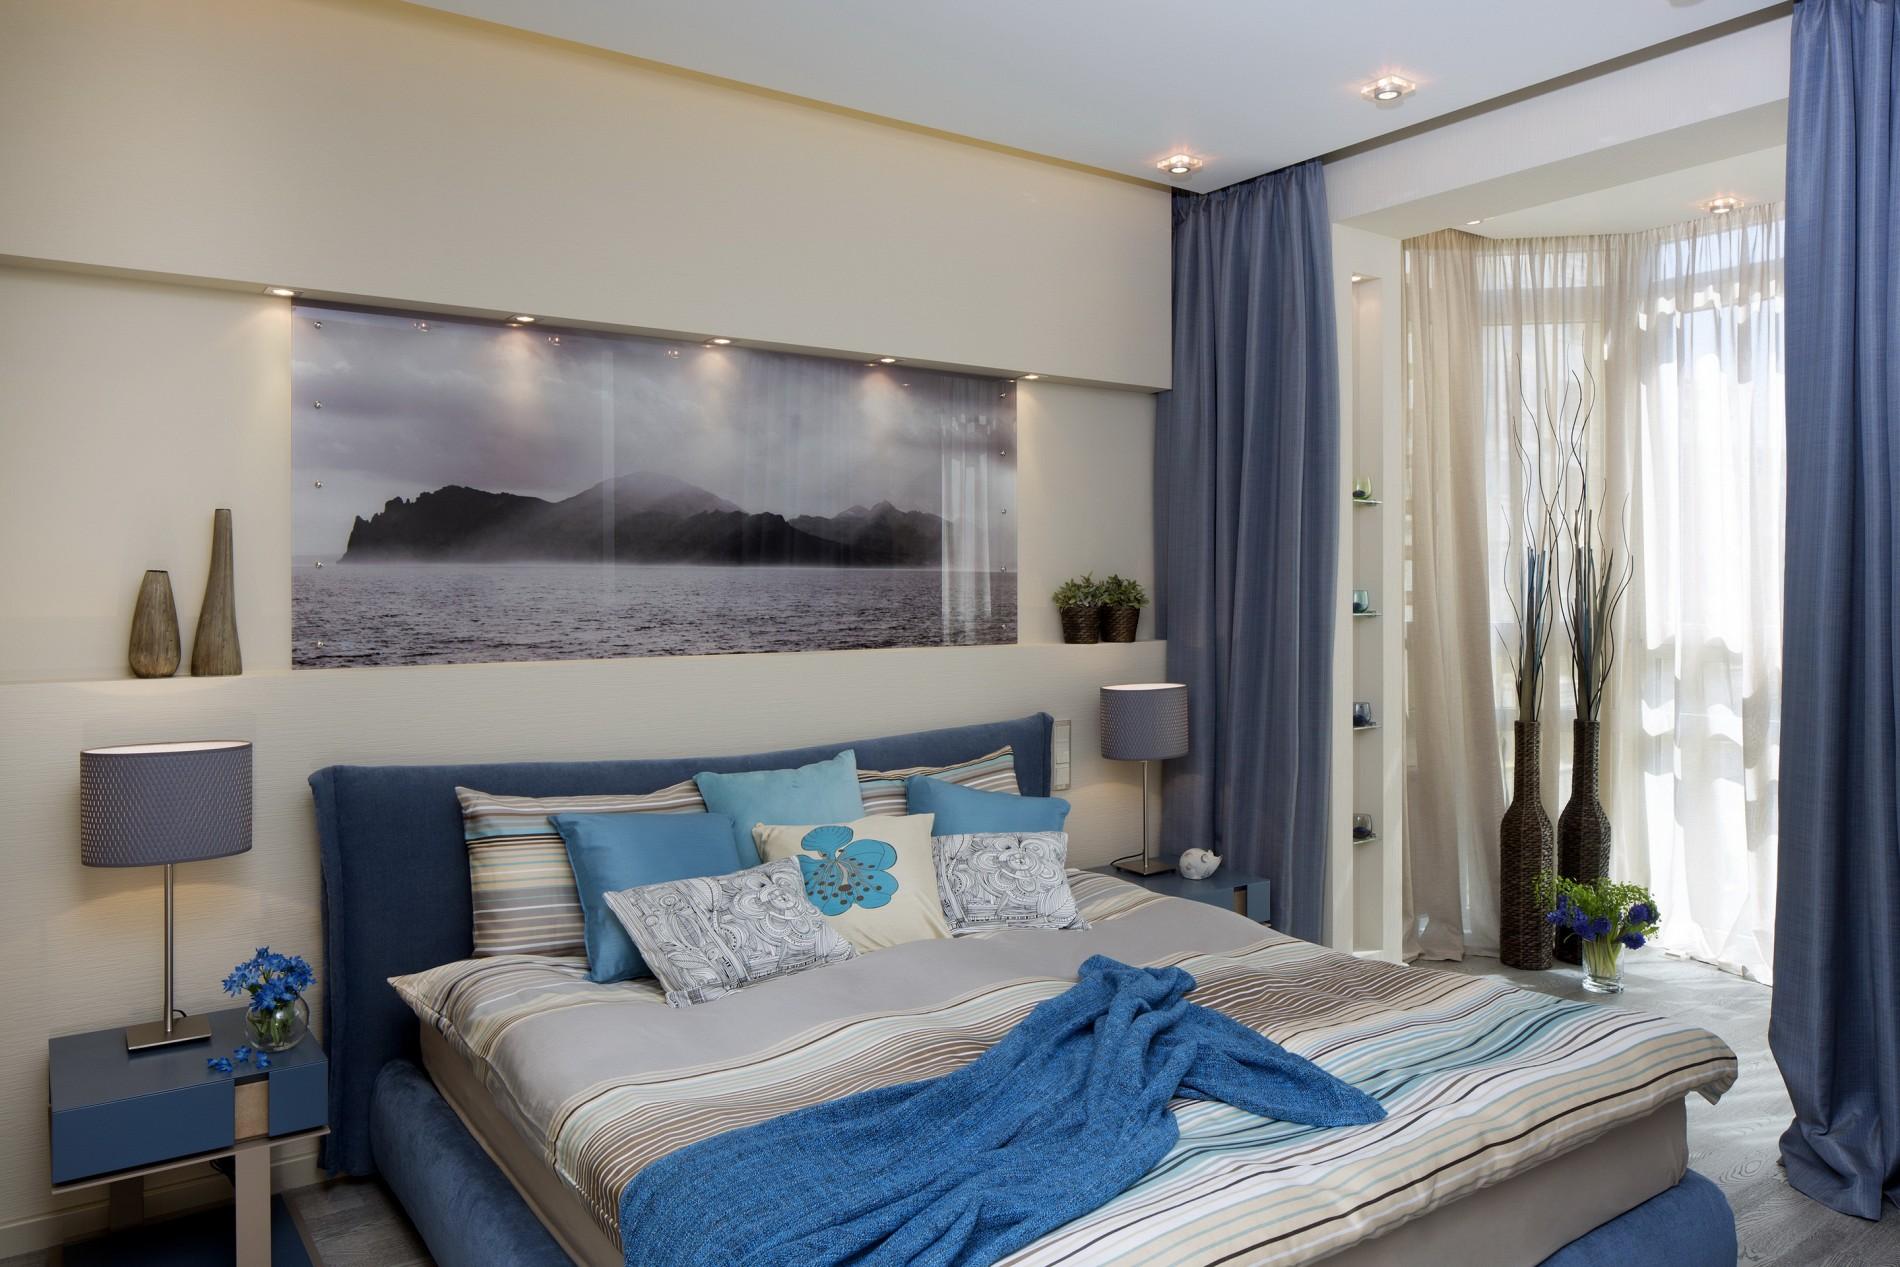 Стильный дизайн спальни в стиле фьюжн